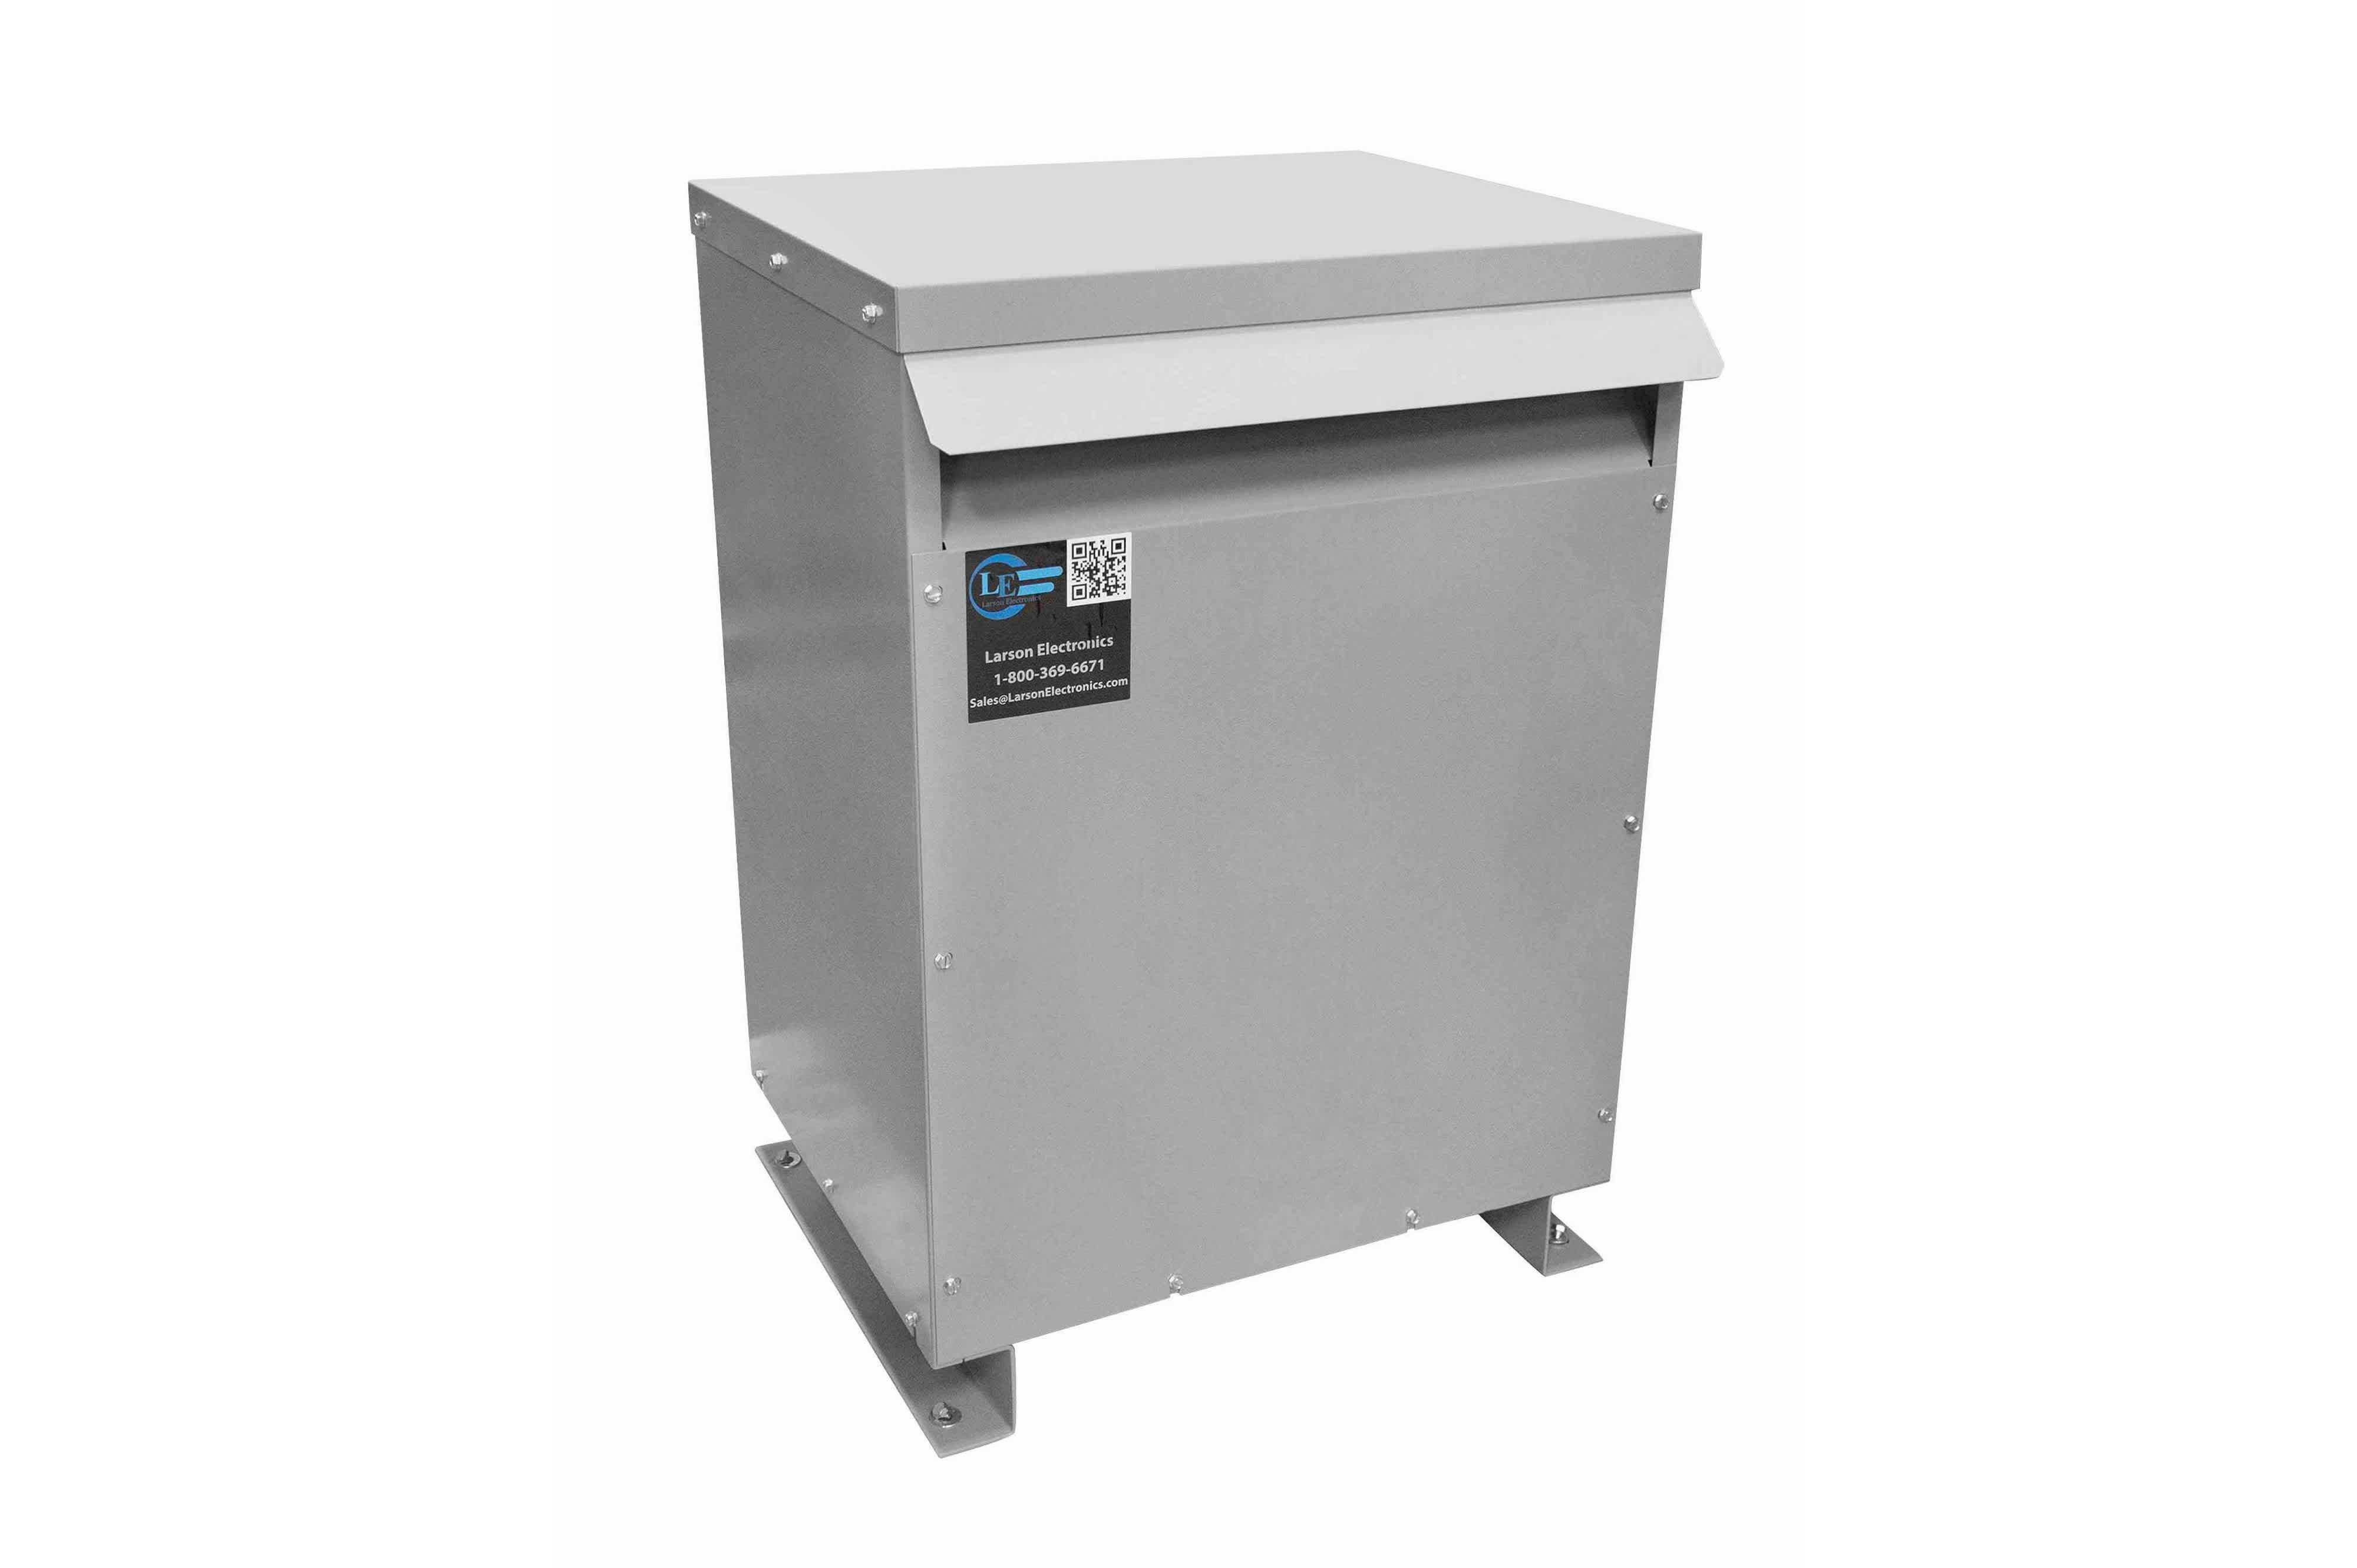 26 kVA 3PH DOE Transformer, 208V Delta Primary, 240V/120 Delta Secondary, N3R, Ventilated, 60 Hz